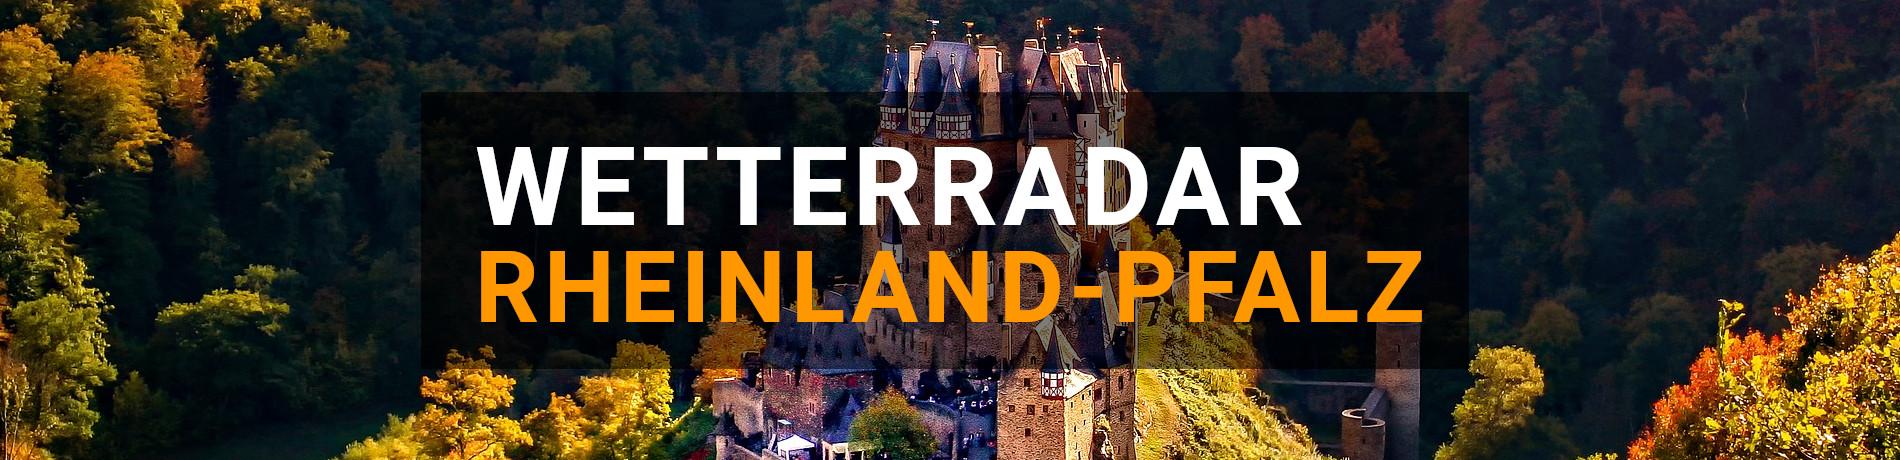 Wetterradar Rheinland Pfalz